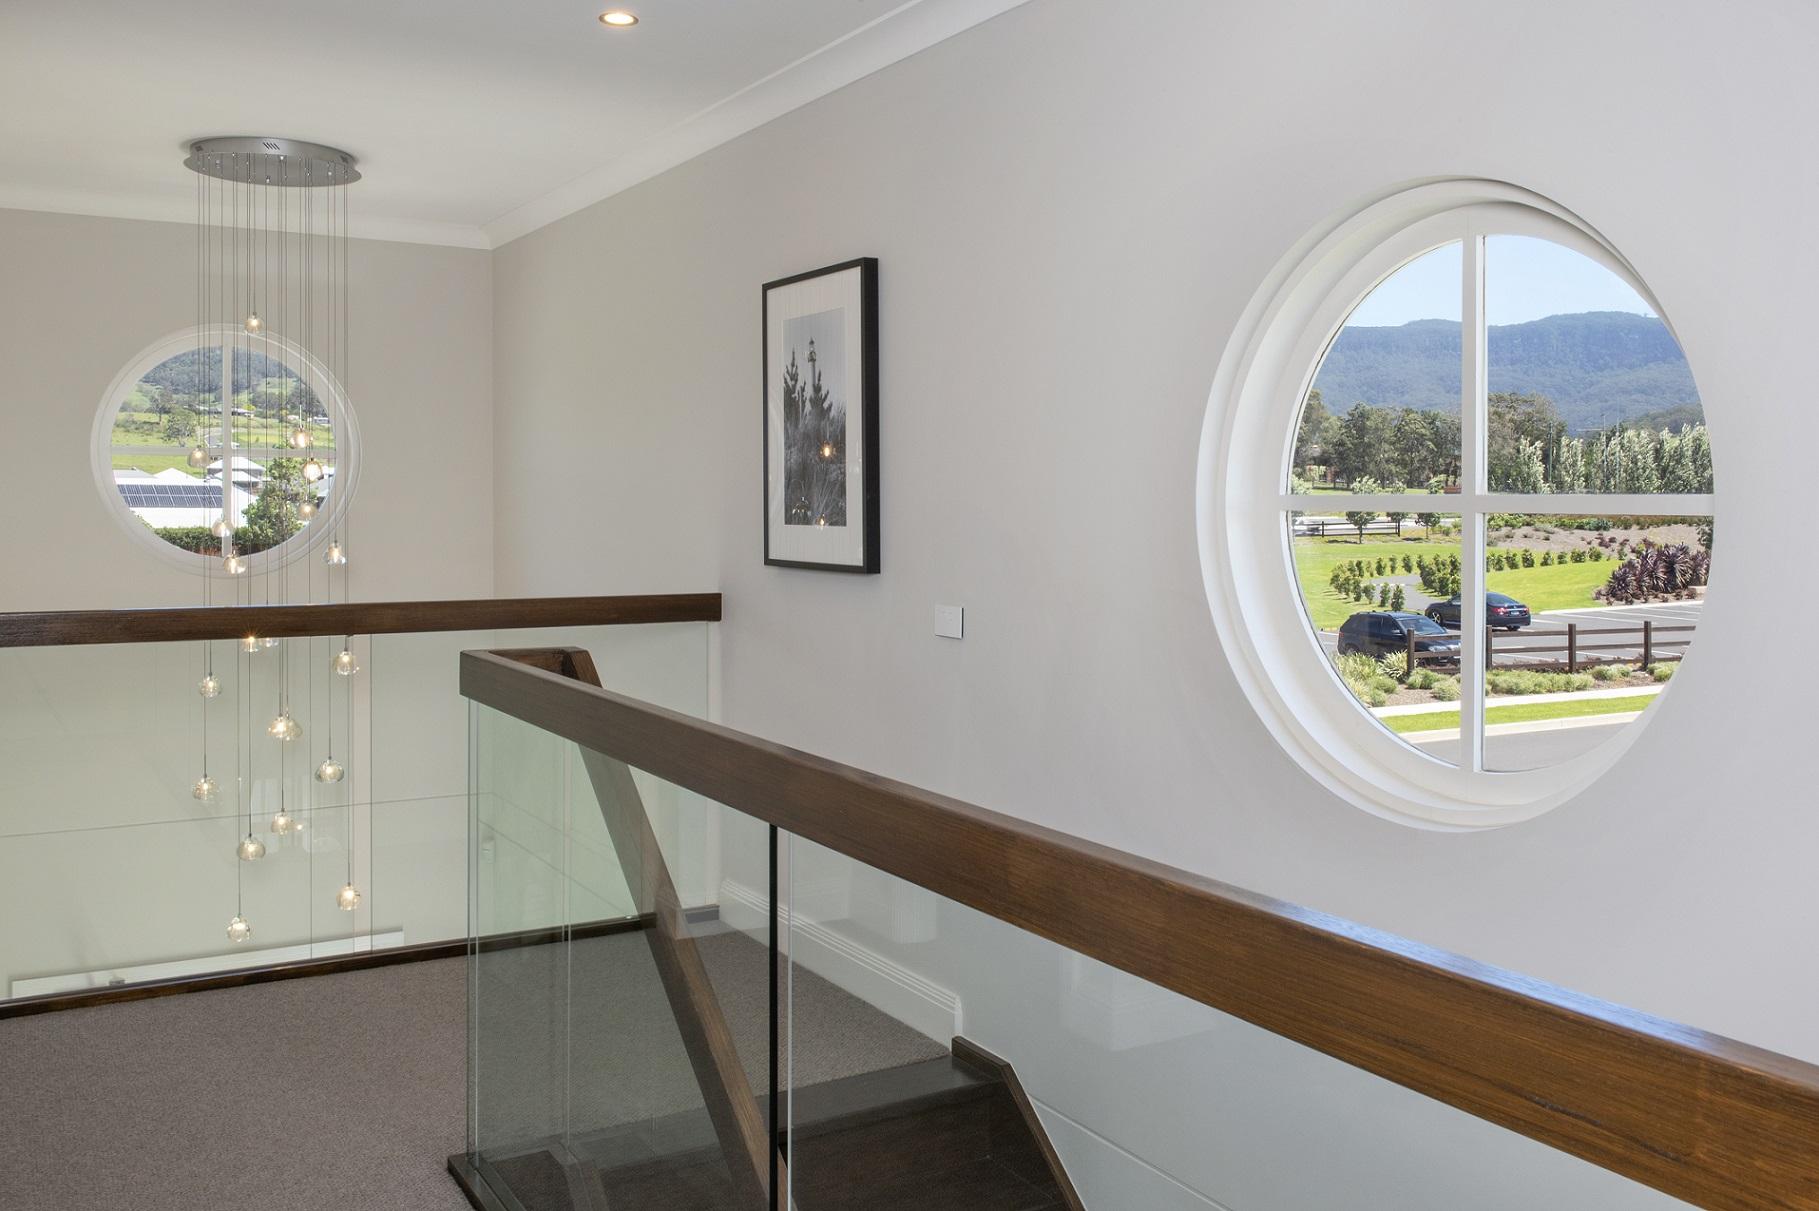 Natura timber round window with glazing bars